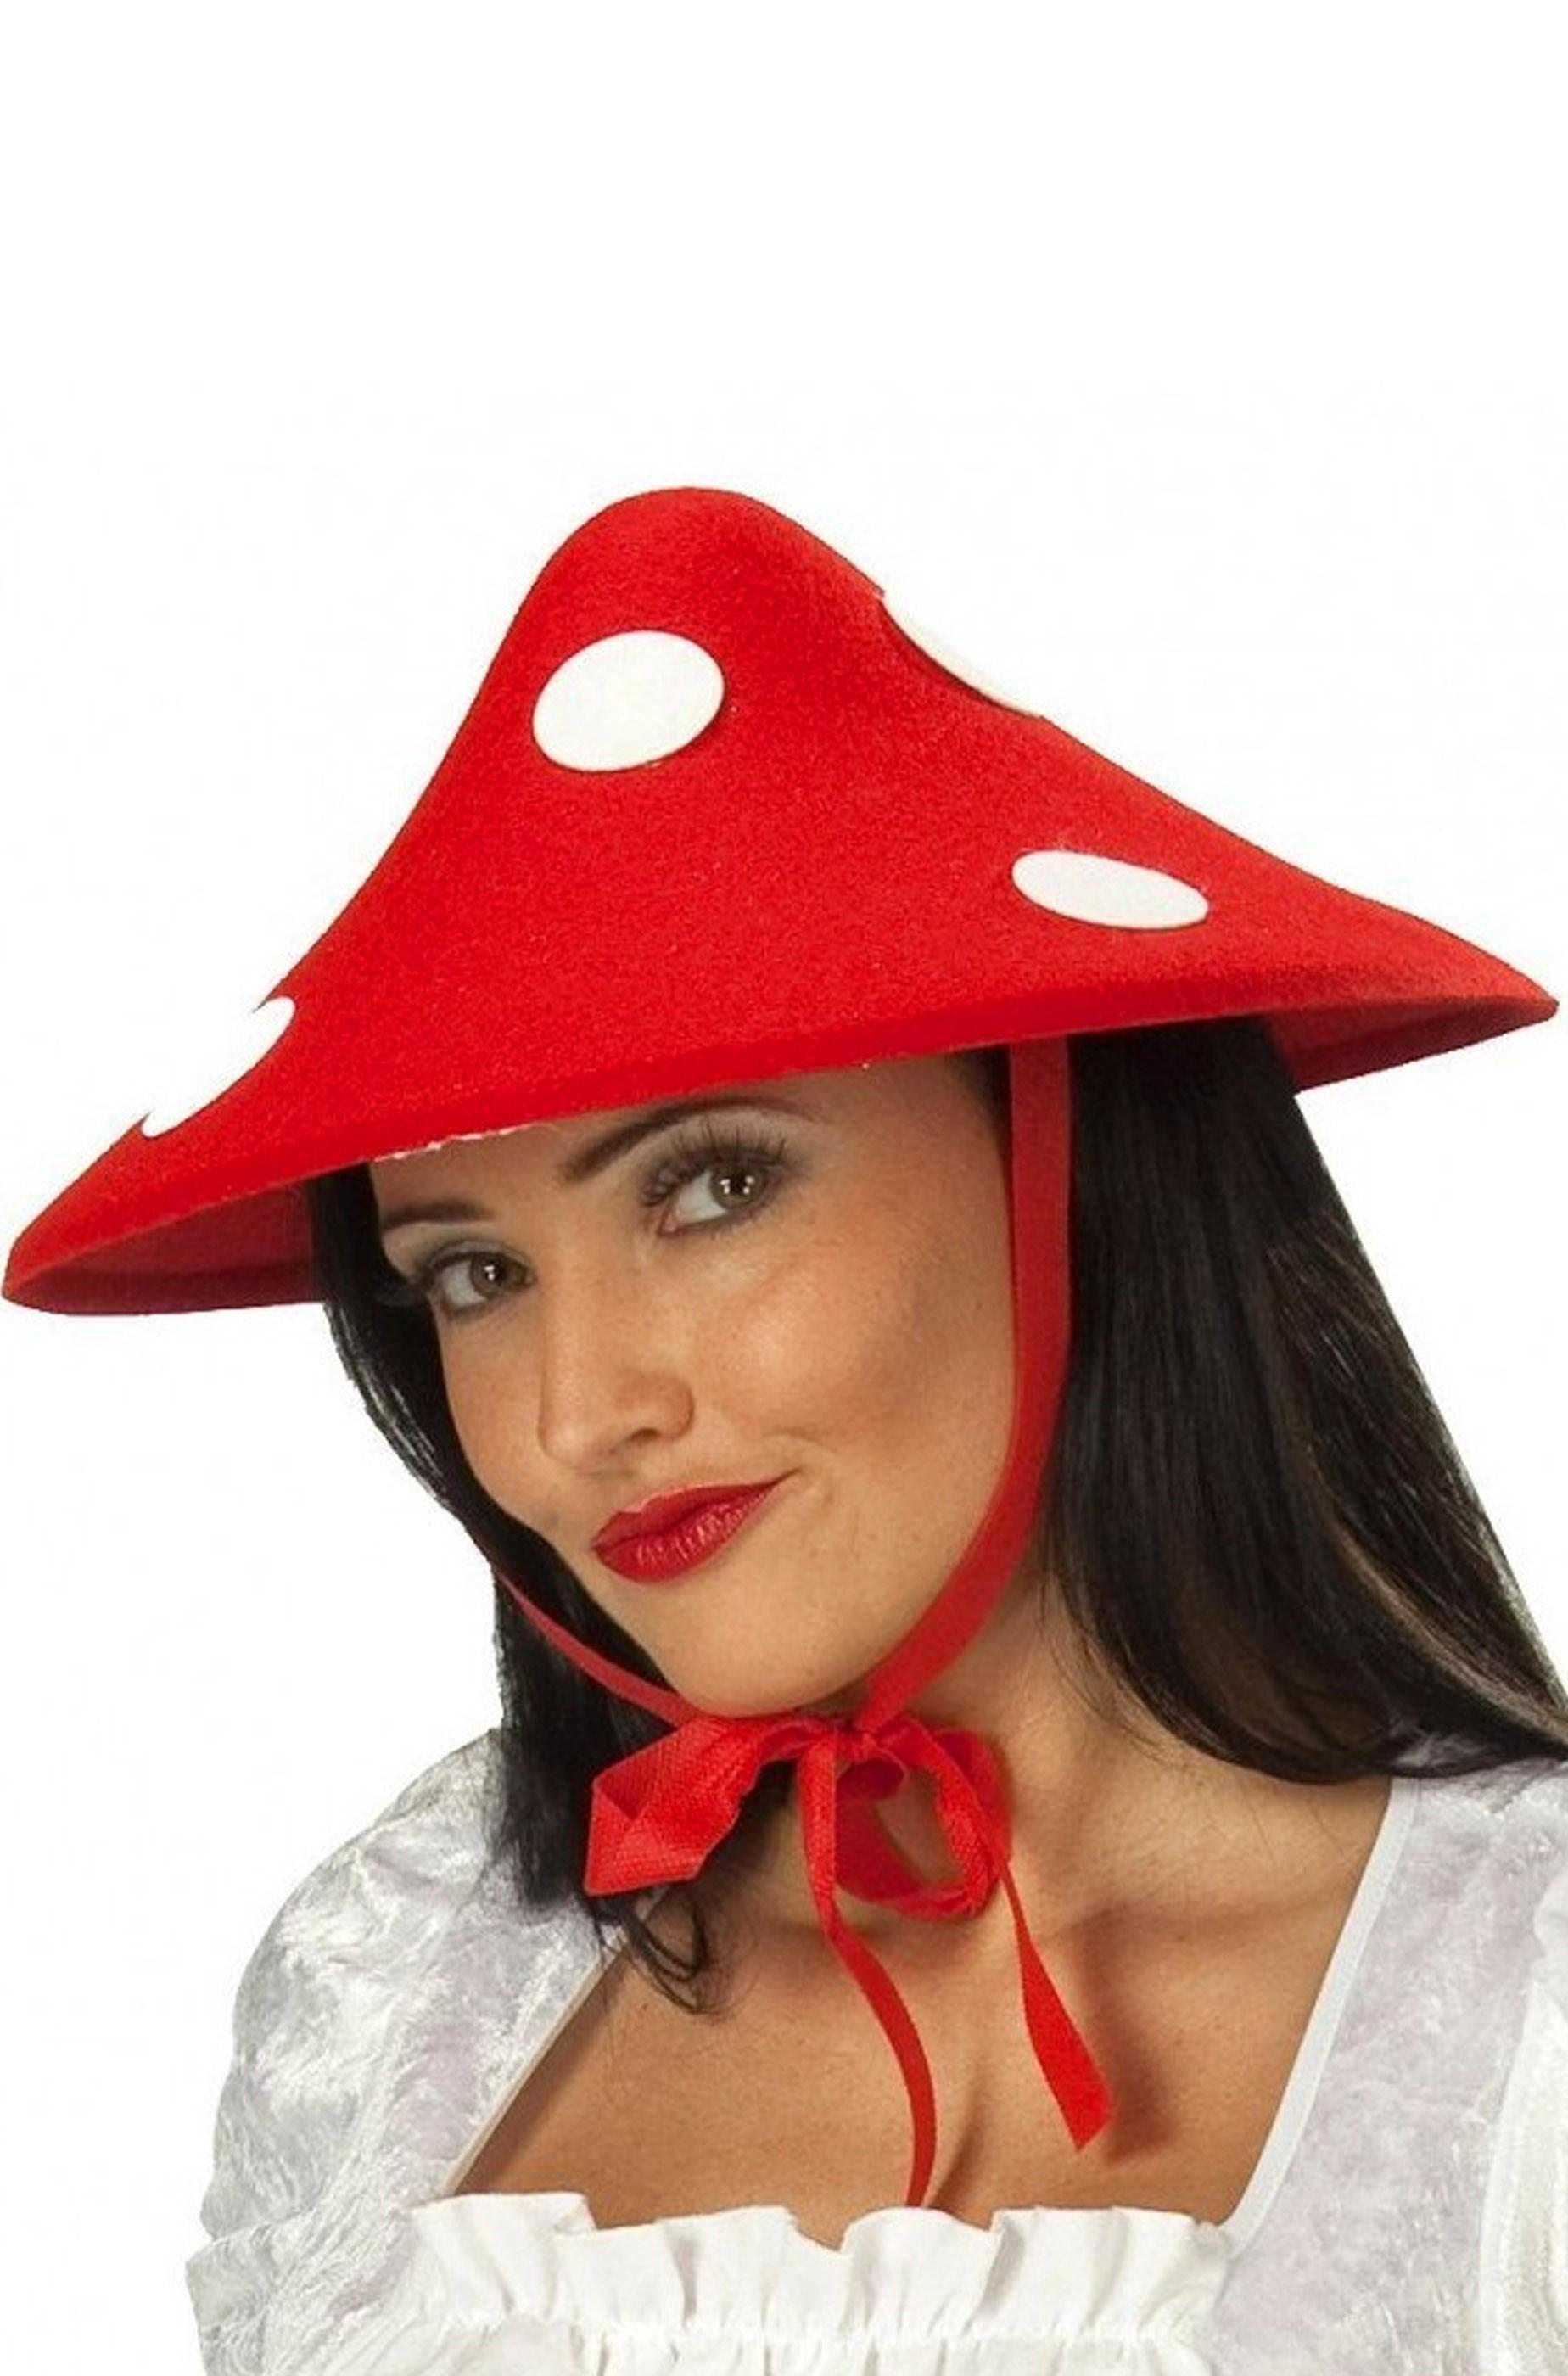 Cappello da fungo rosso a pois bianchi adulto taglia unica 562d036a5b33